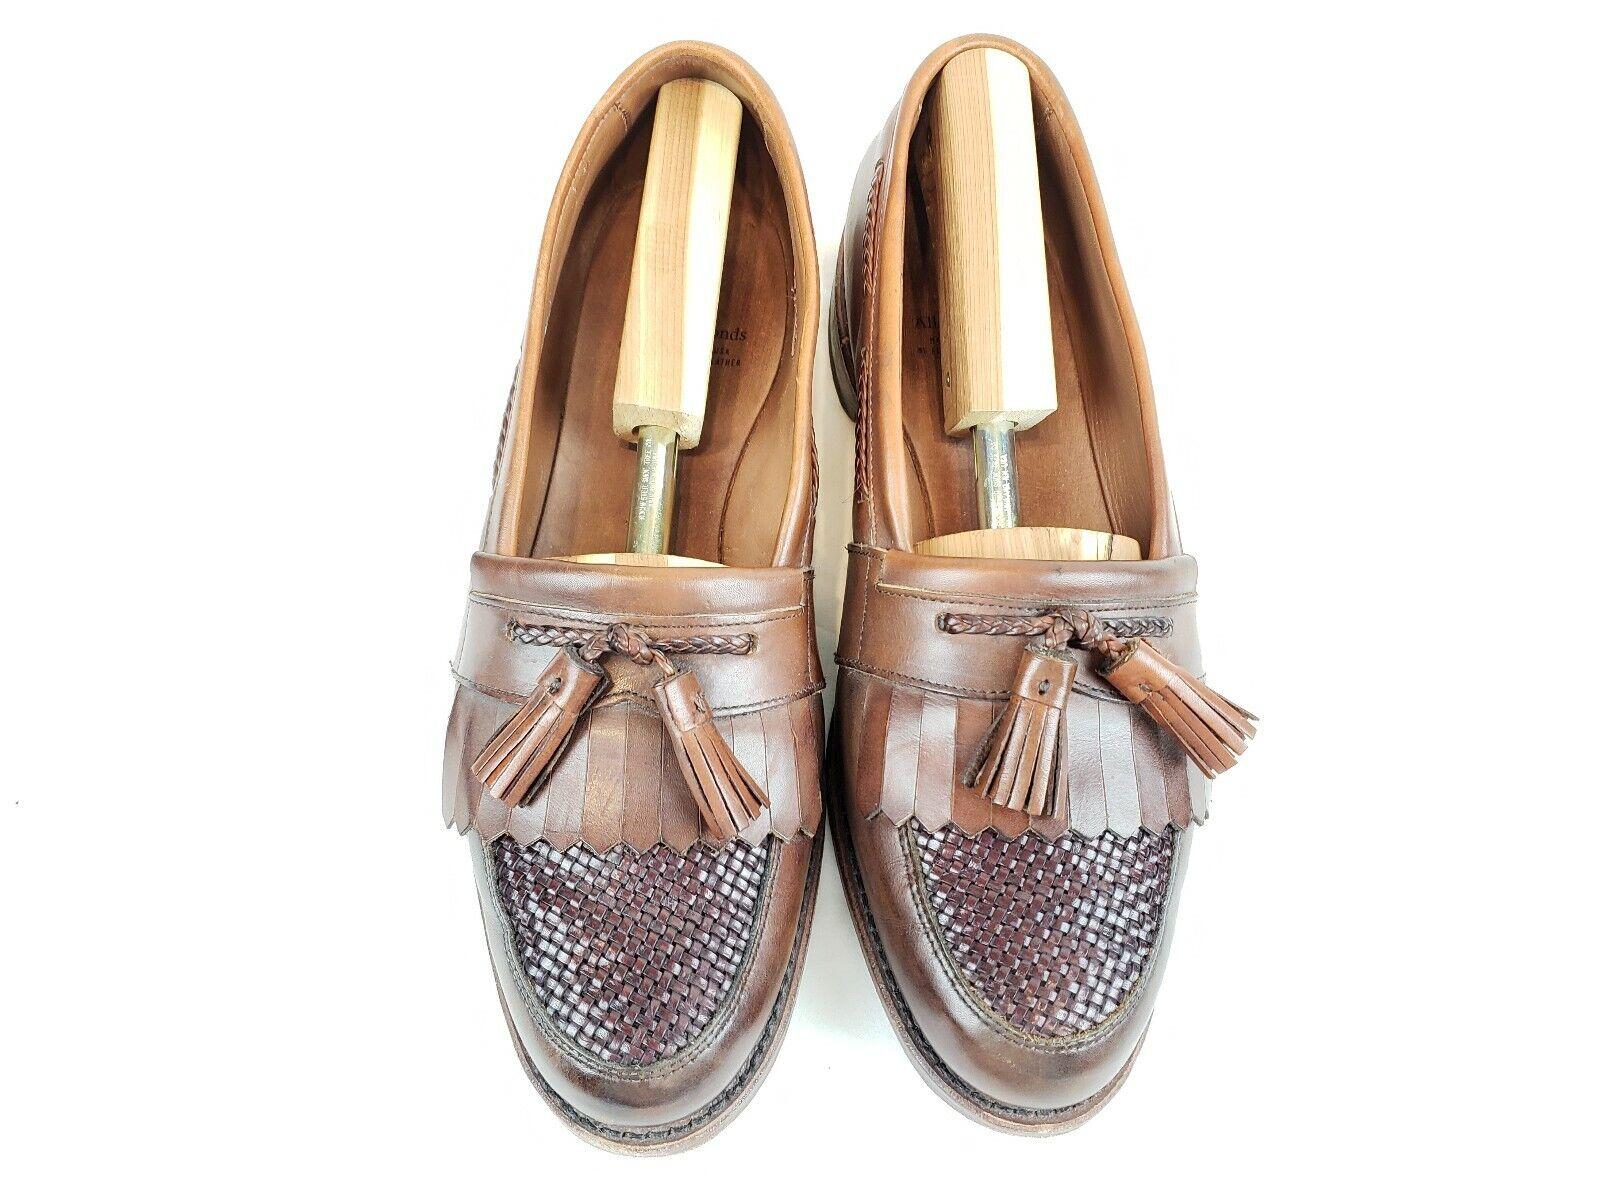 62ce1b0a38c 11D Mens ALLEN Tassel Loafers Brown Kilt Moc EDMONDS Cody nxvckh1379-Men s  Dress Shoes